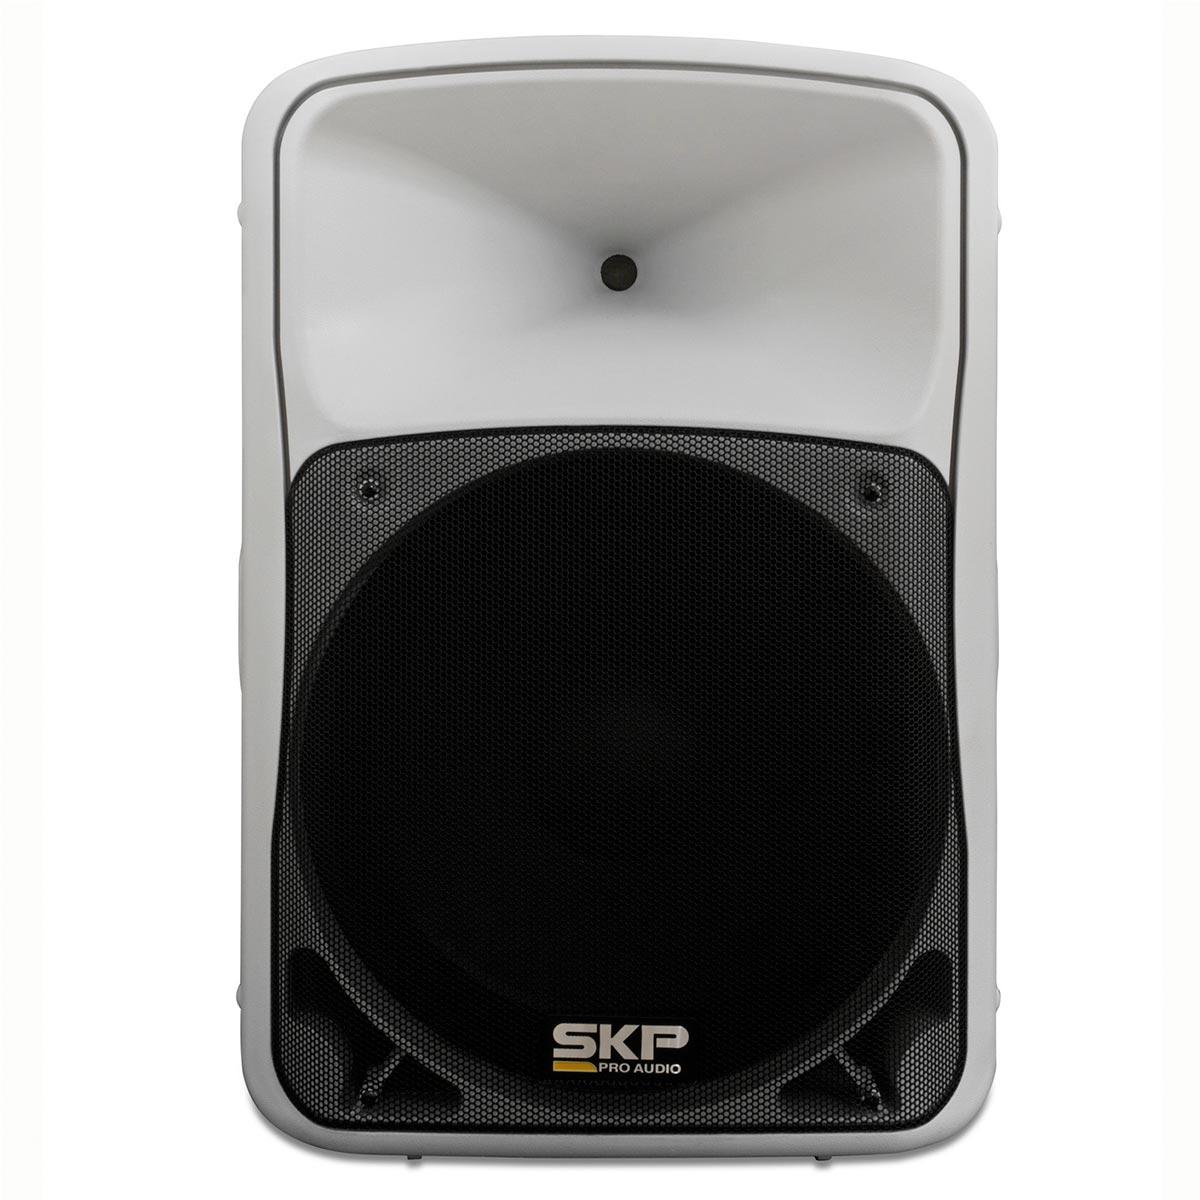 SK5PBT - Caixa Ativa 250W c/ Bluetooth e USB Branca SK 5P BT - SKP